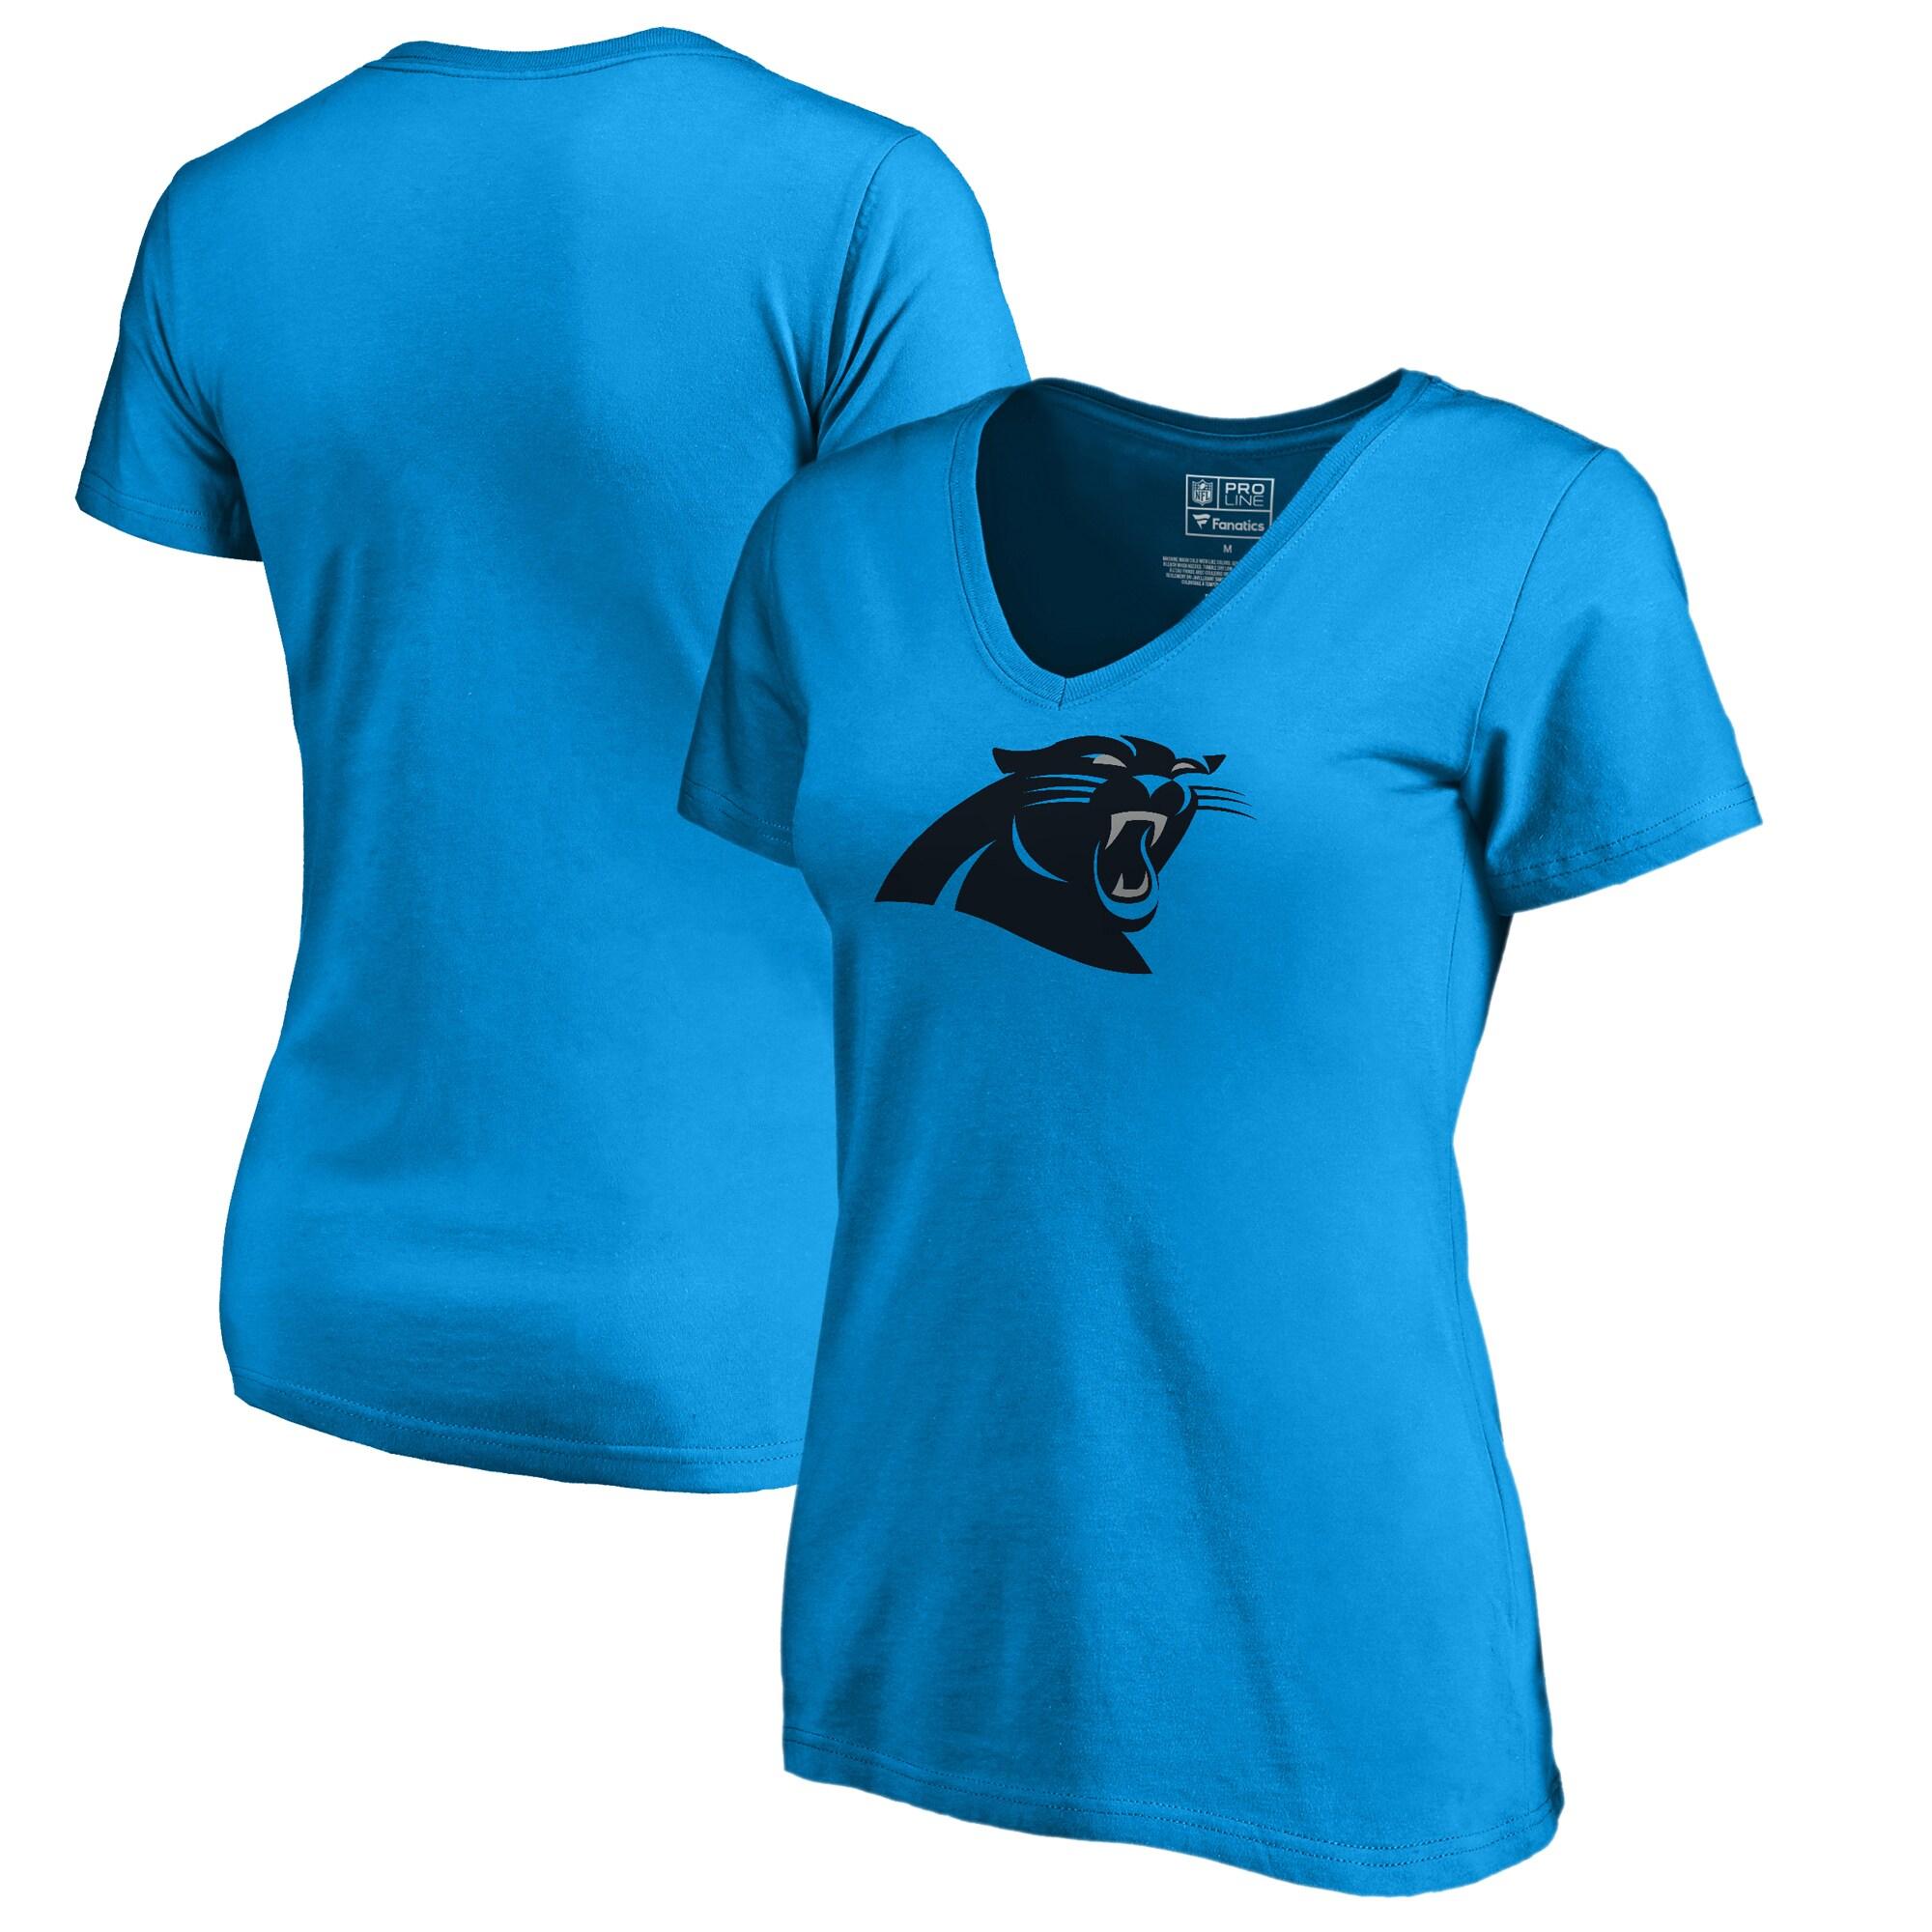 Carolina Panthers NFL Pro Line by Fanatics Branded Women's Primary Logo V-Neck T-Shirt - Blue